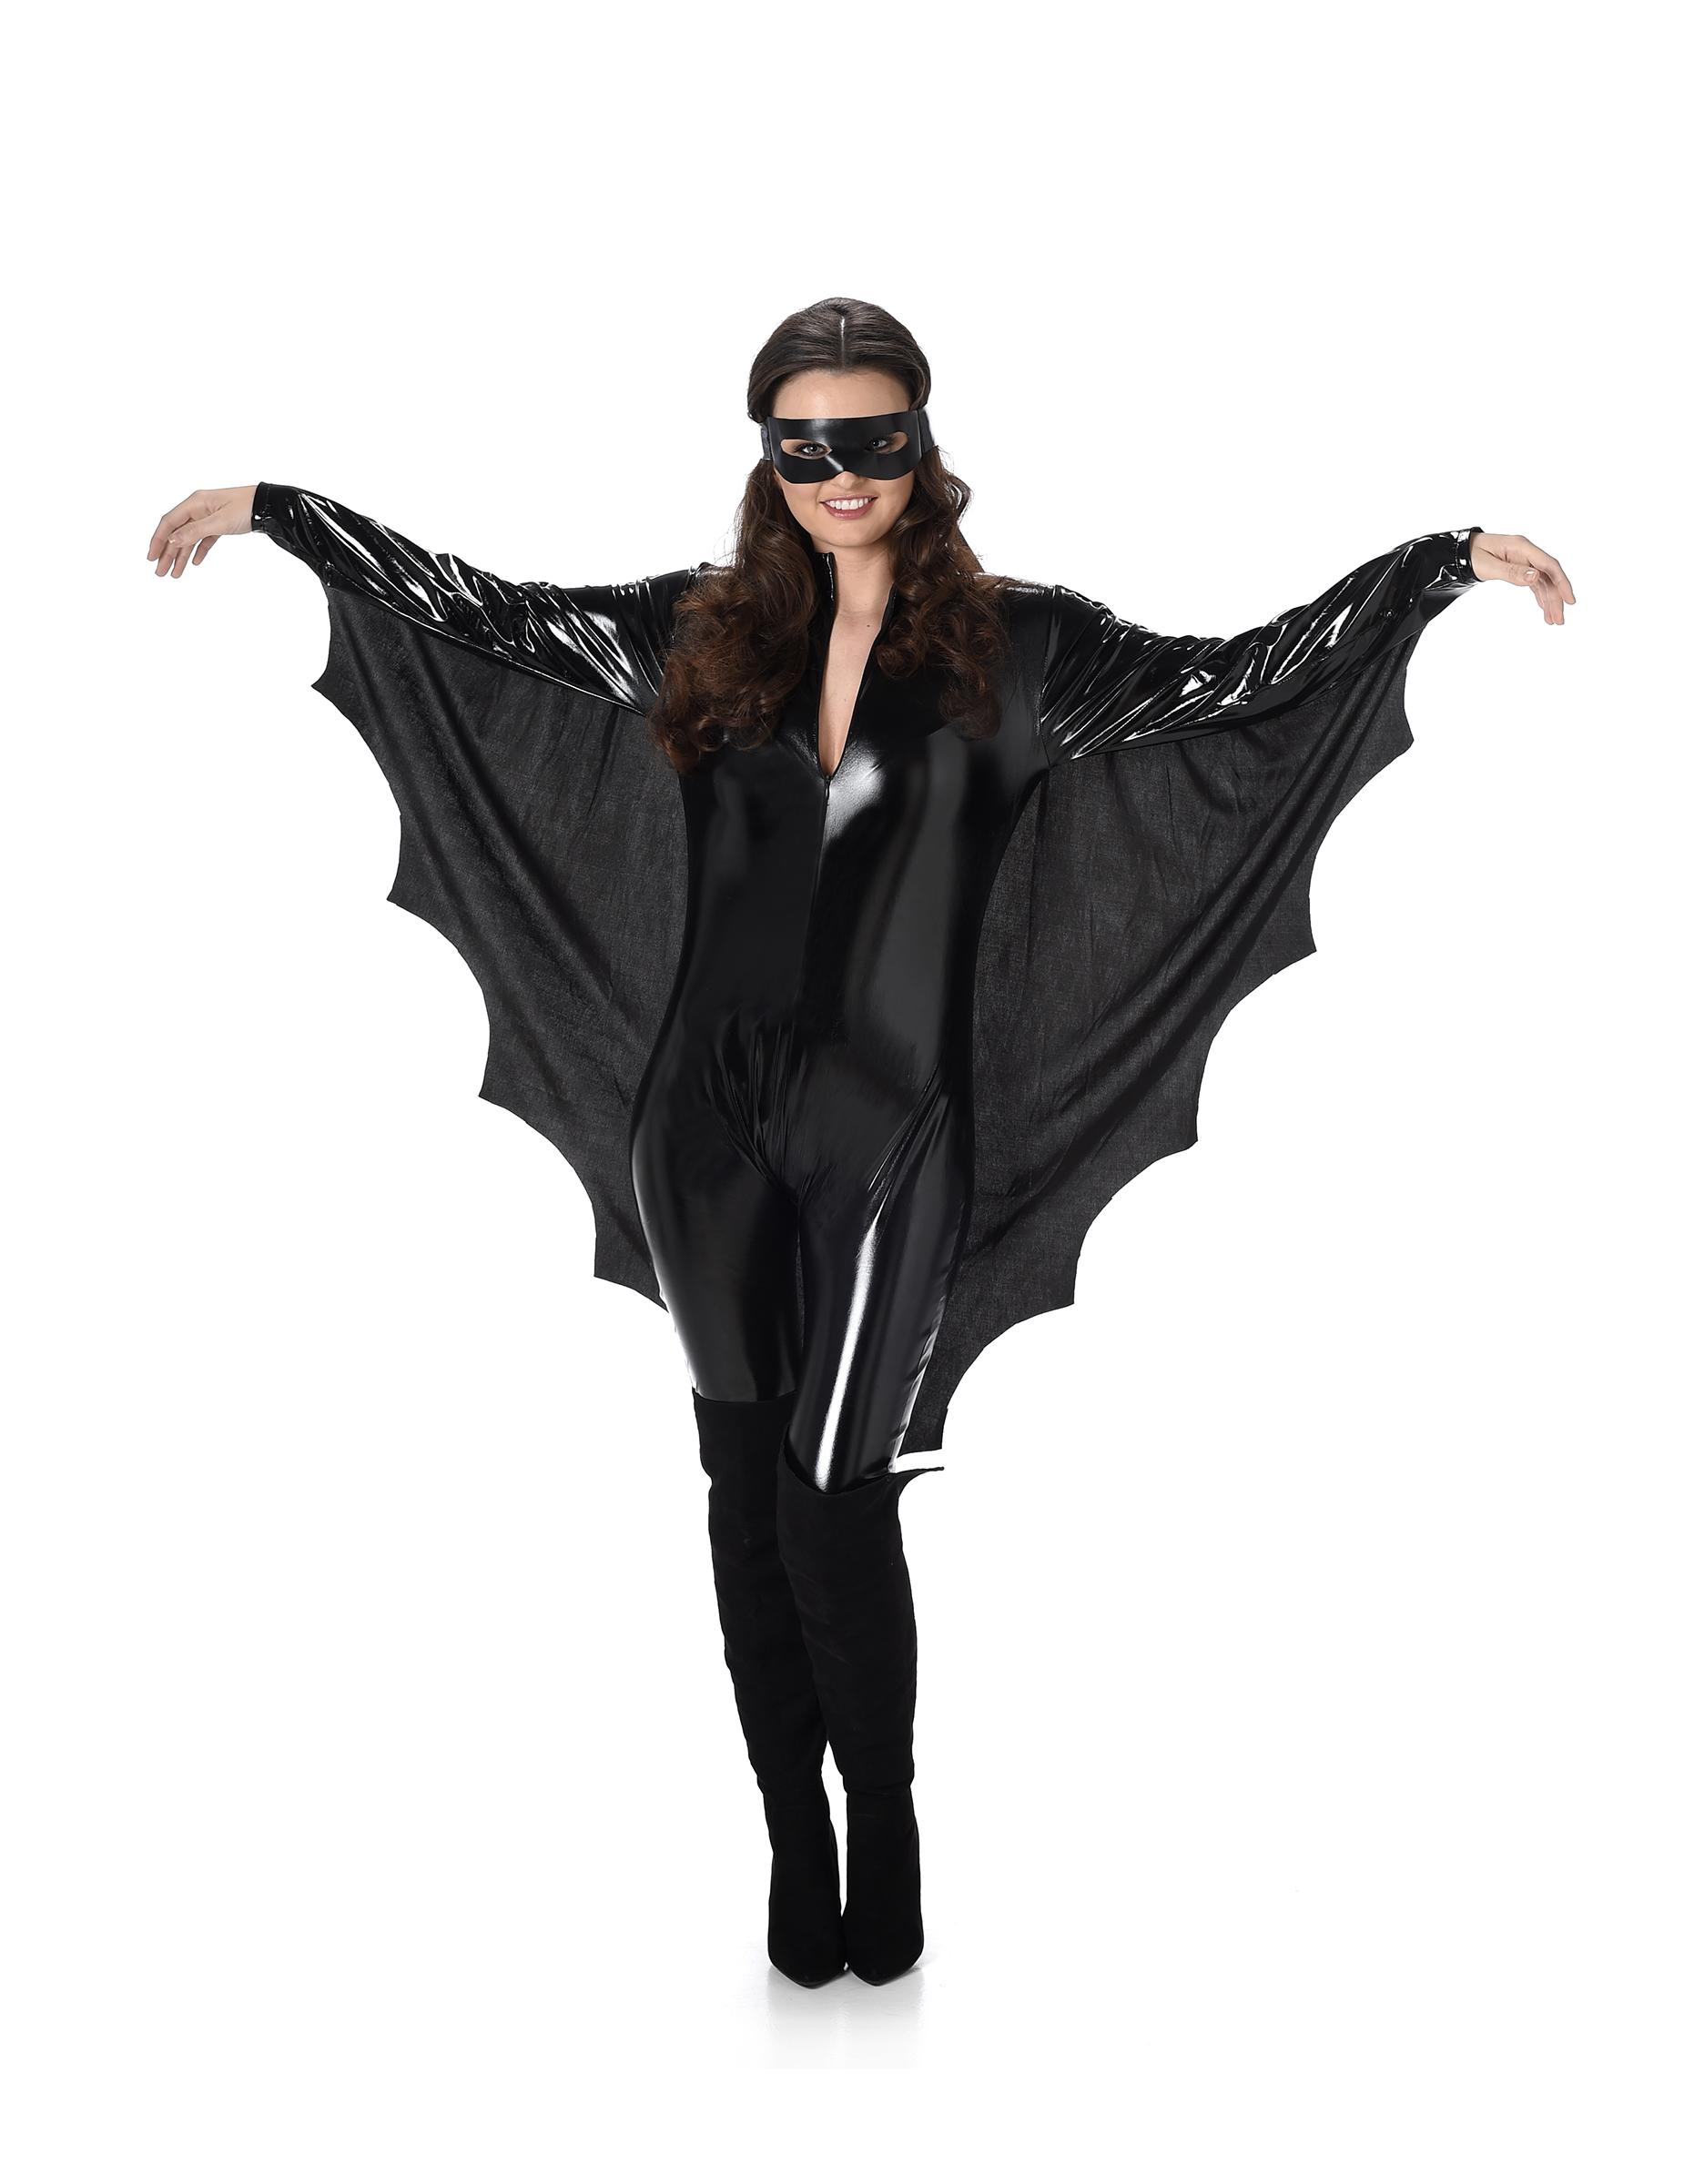 d guisement chauve souris sexy femme halloween achat de d guisements adultes sur vegaoopro. Black Bedroom Furniture Sets. Home Design Ideas